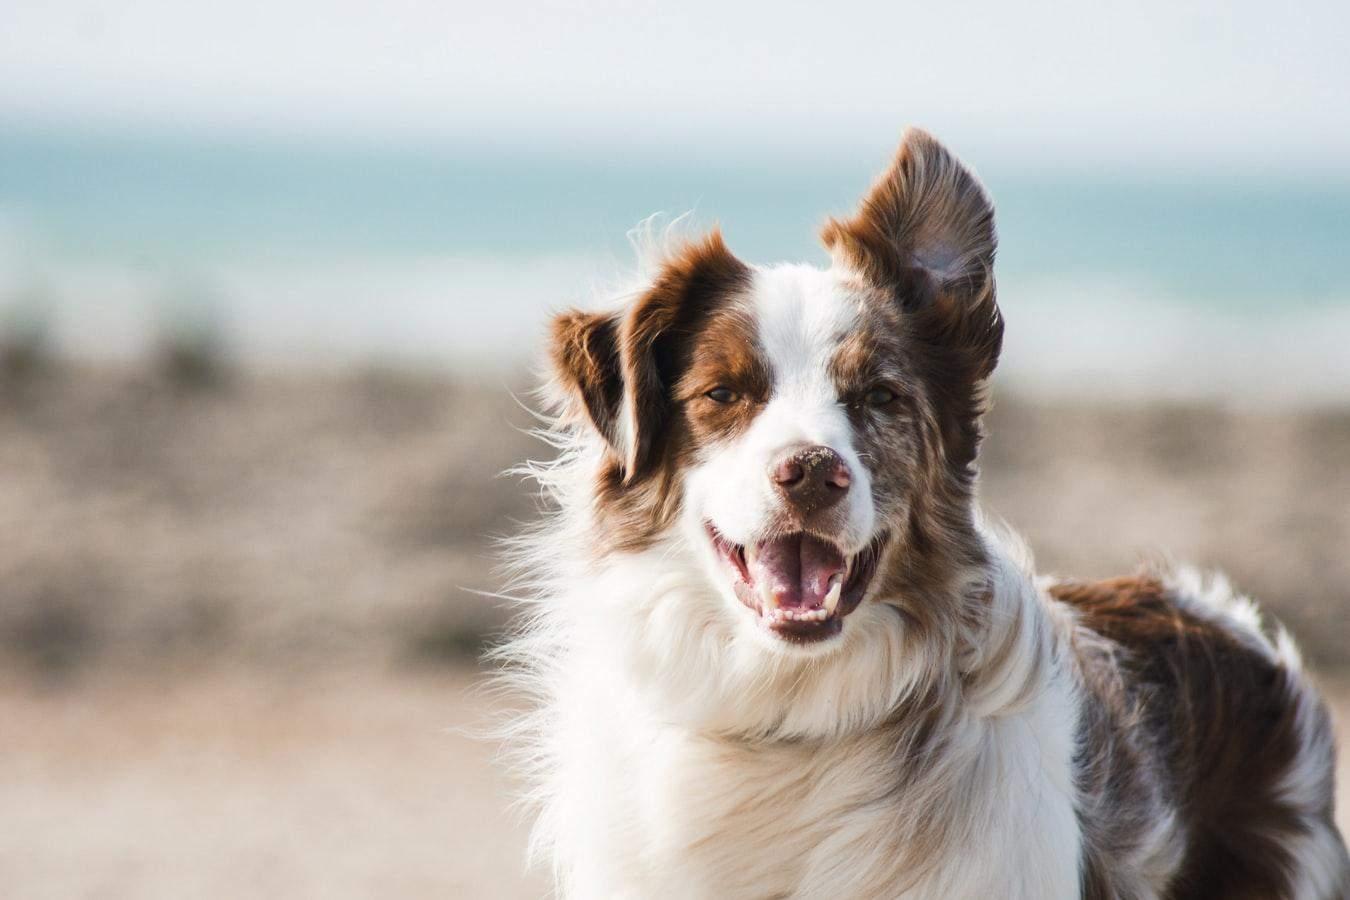 В период линьки нужно вычесывать собаку ежедневно